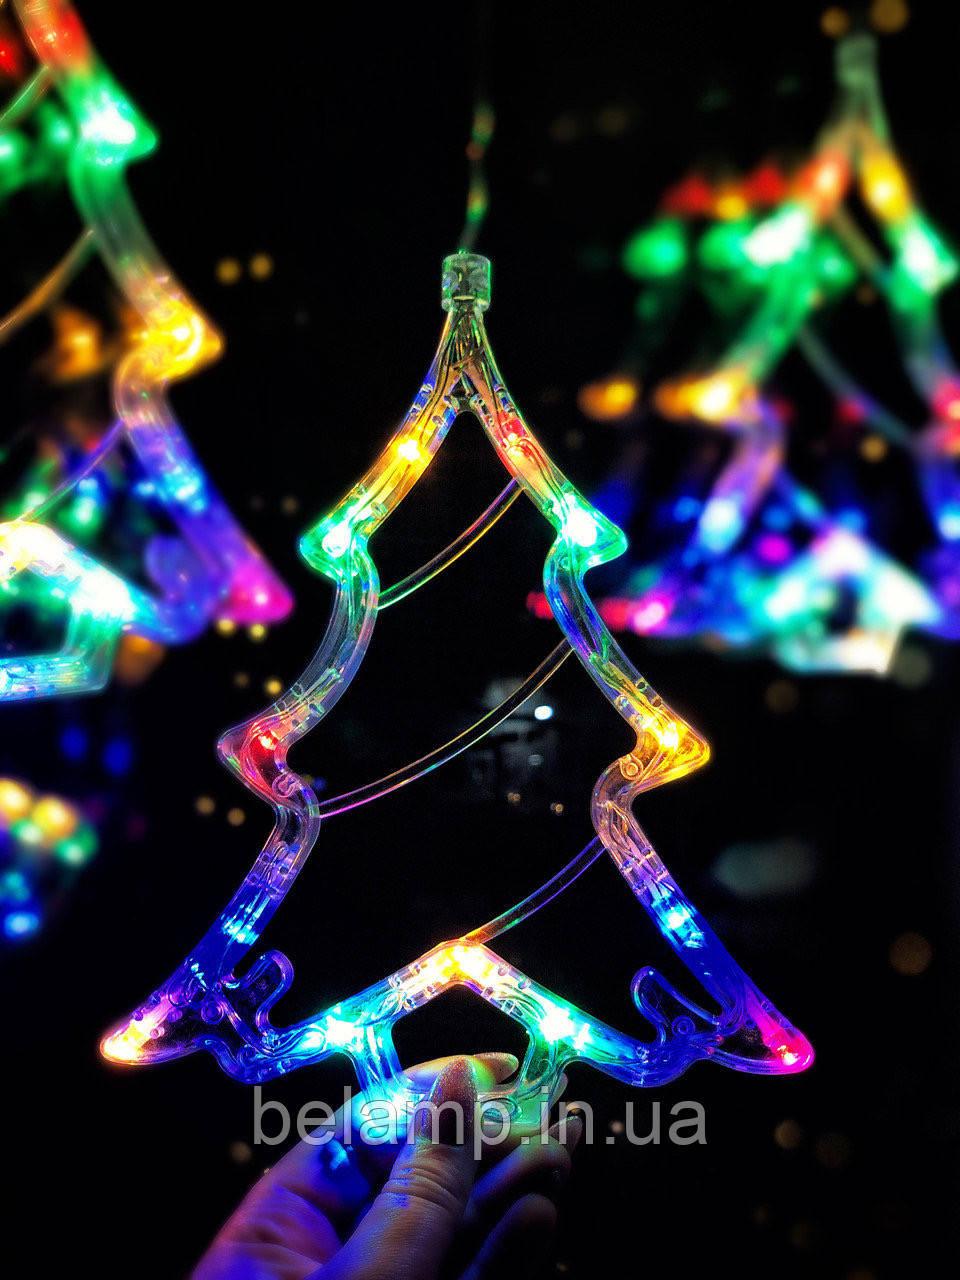 """Новогоднее украшение на окно в виде елки """"Разноцветная елочка"""". Цена за 1 елочку"""